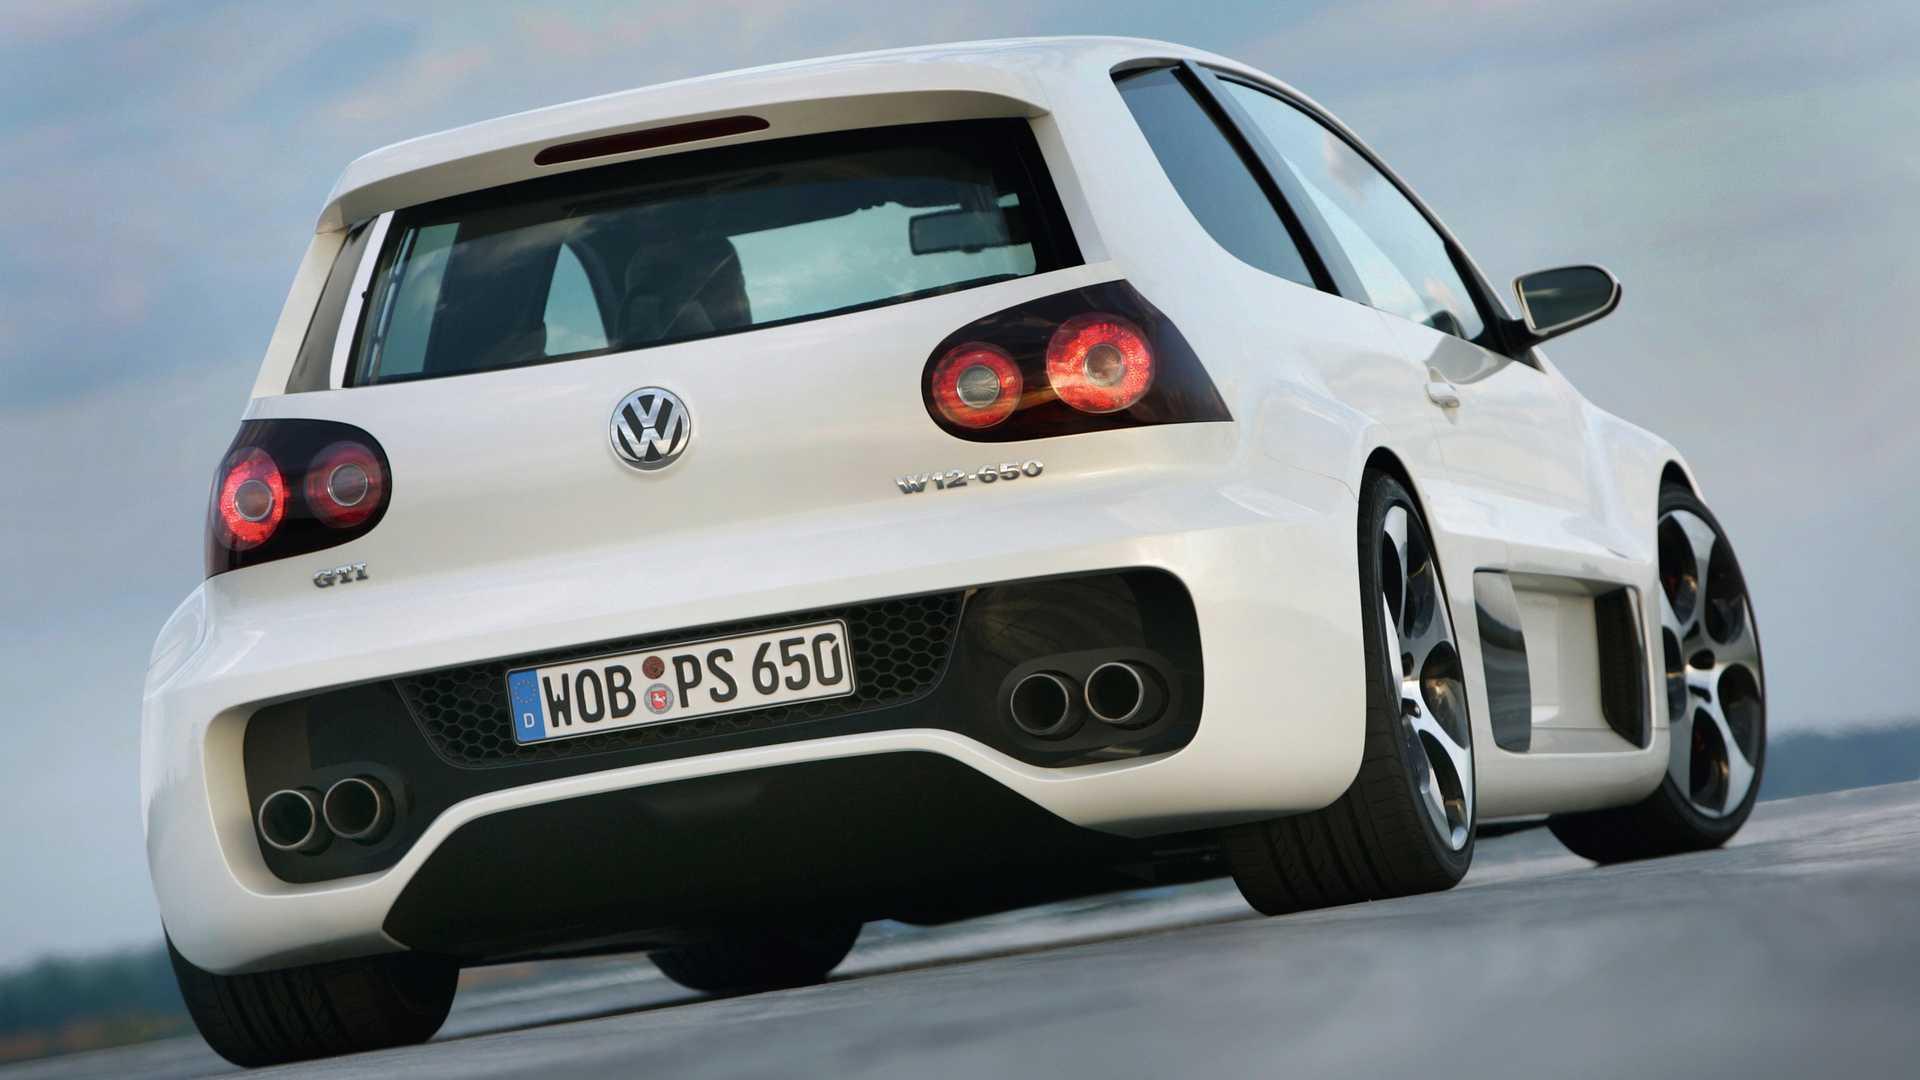 Concept oublié - VW Golf GTI W12-650 (2007)